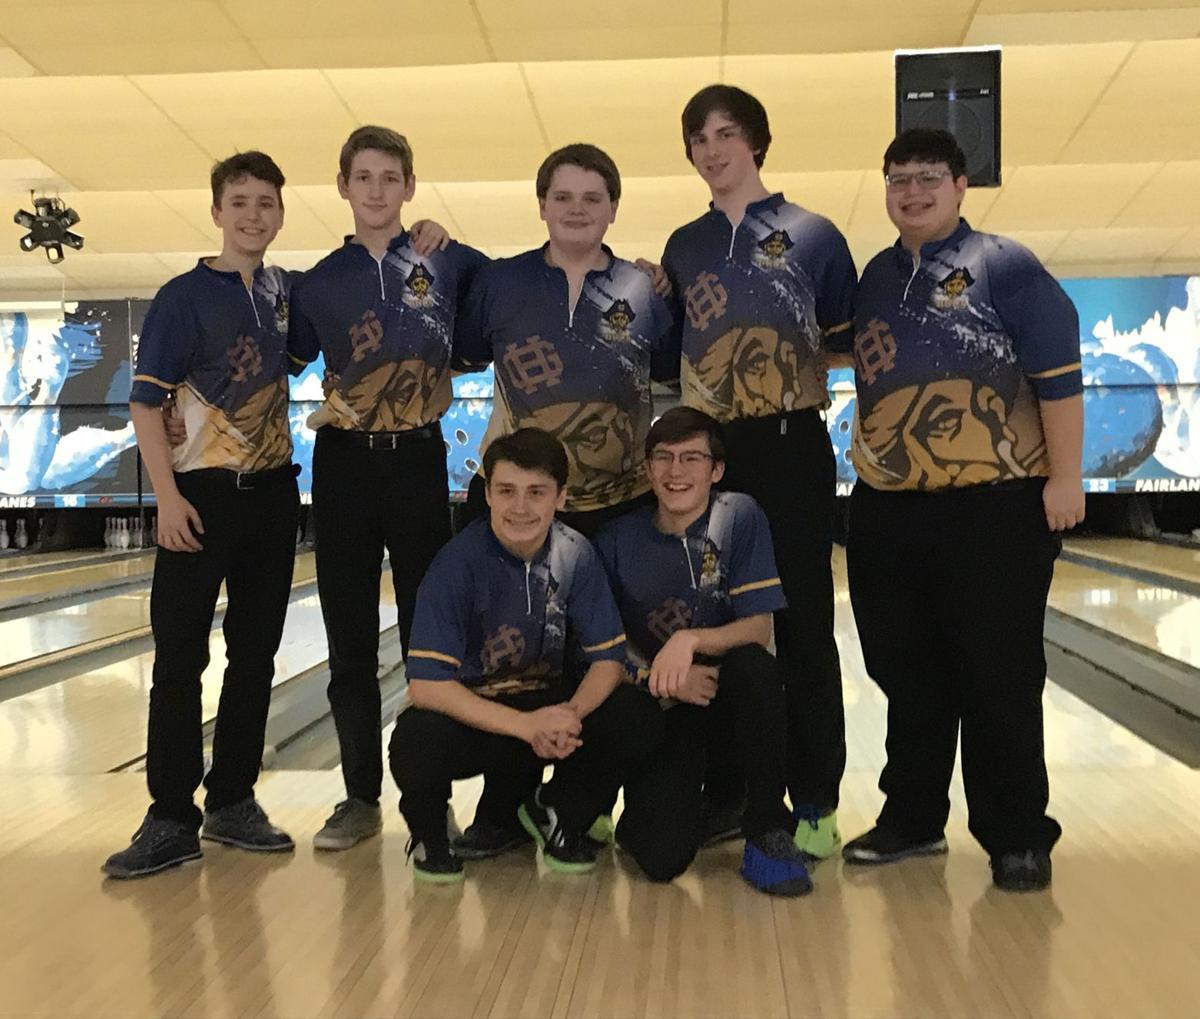 GH Bowling boys team